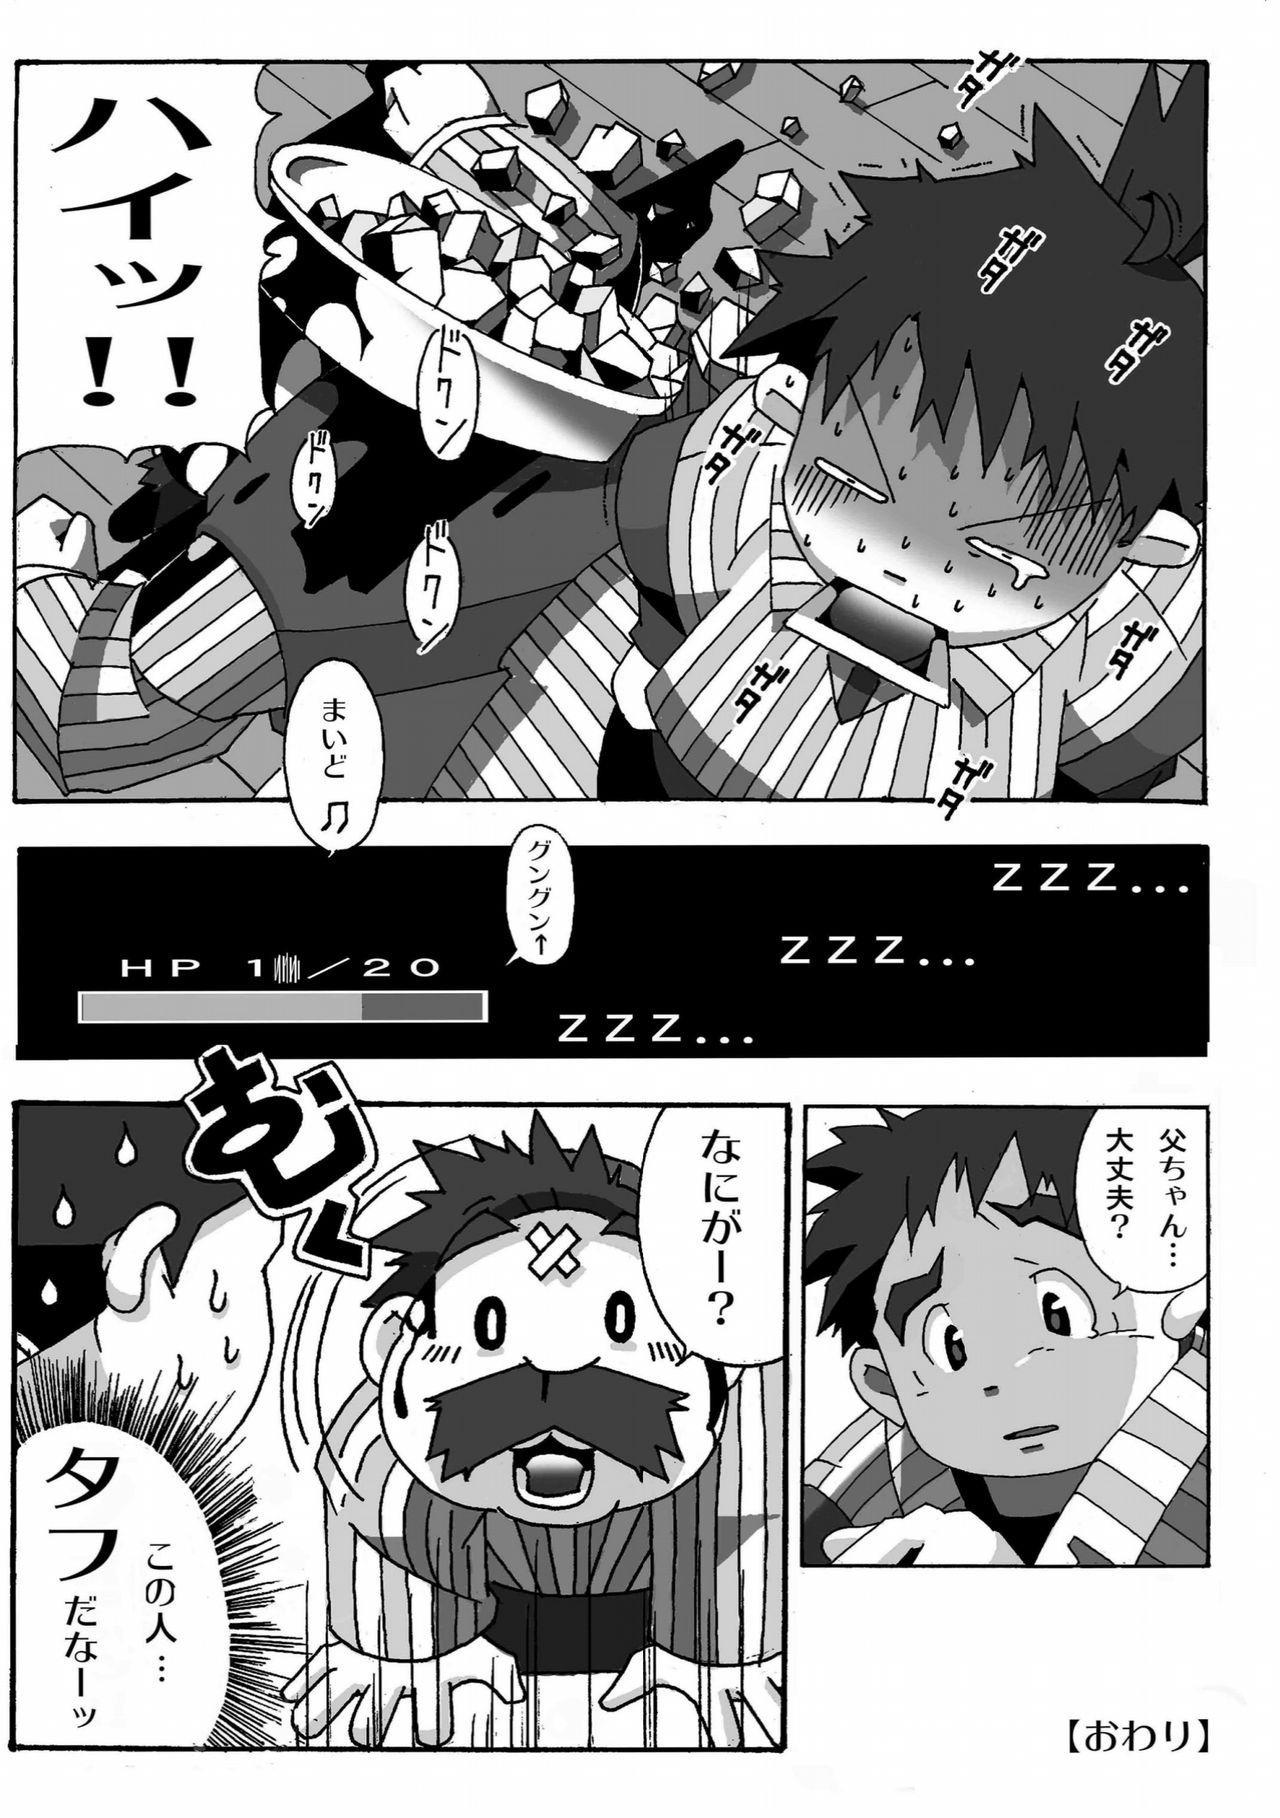 Torneko no Himitsu 8